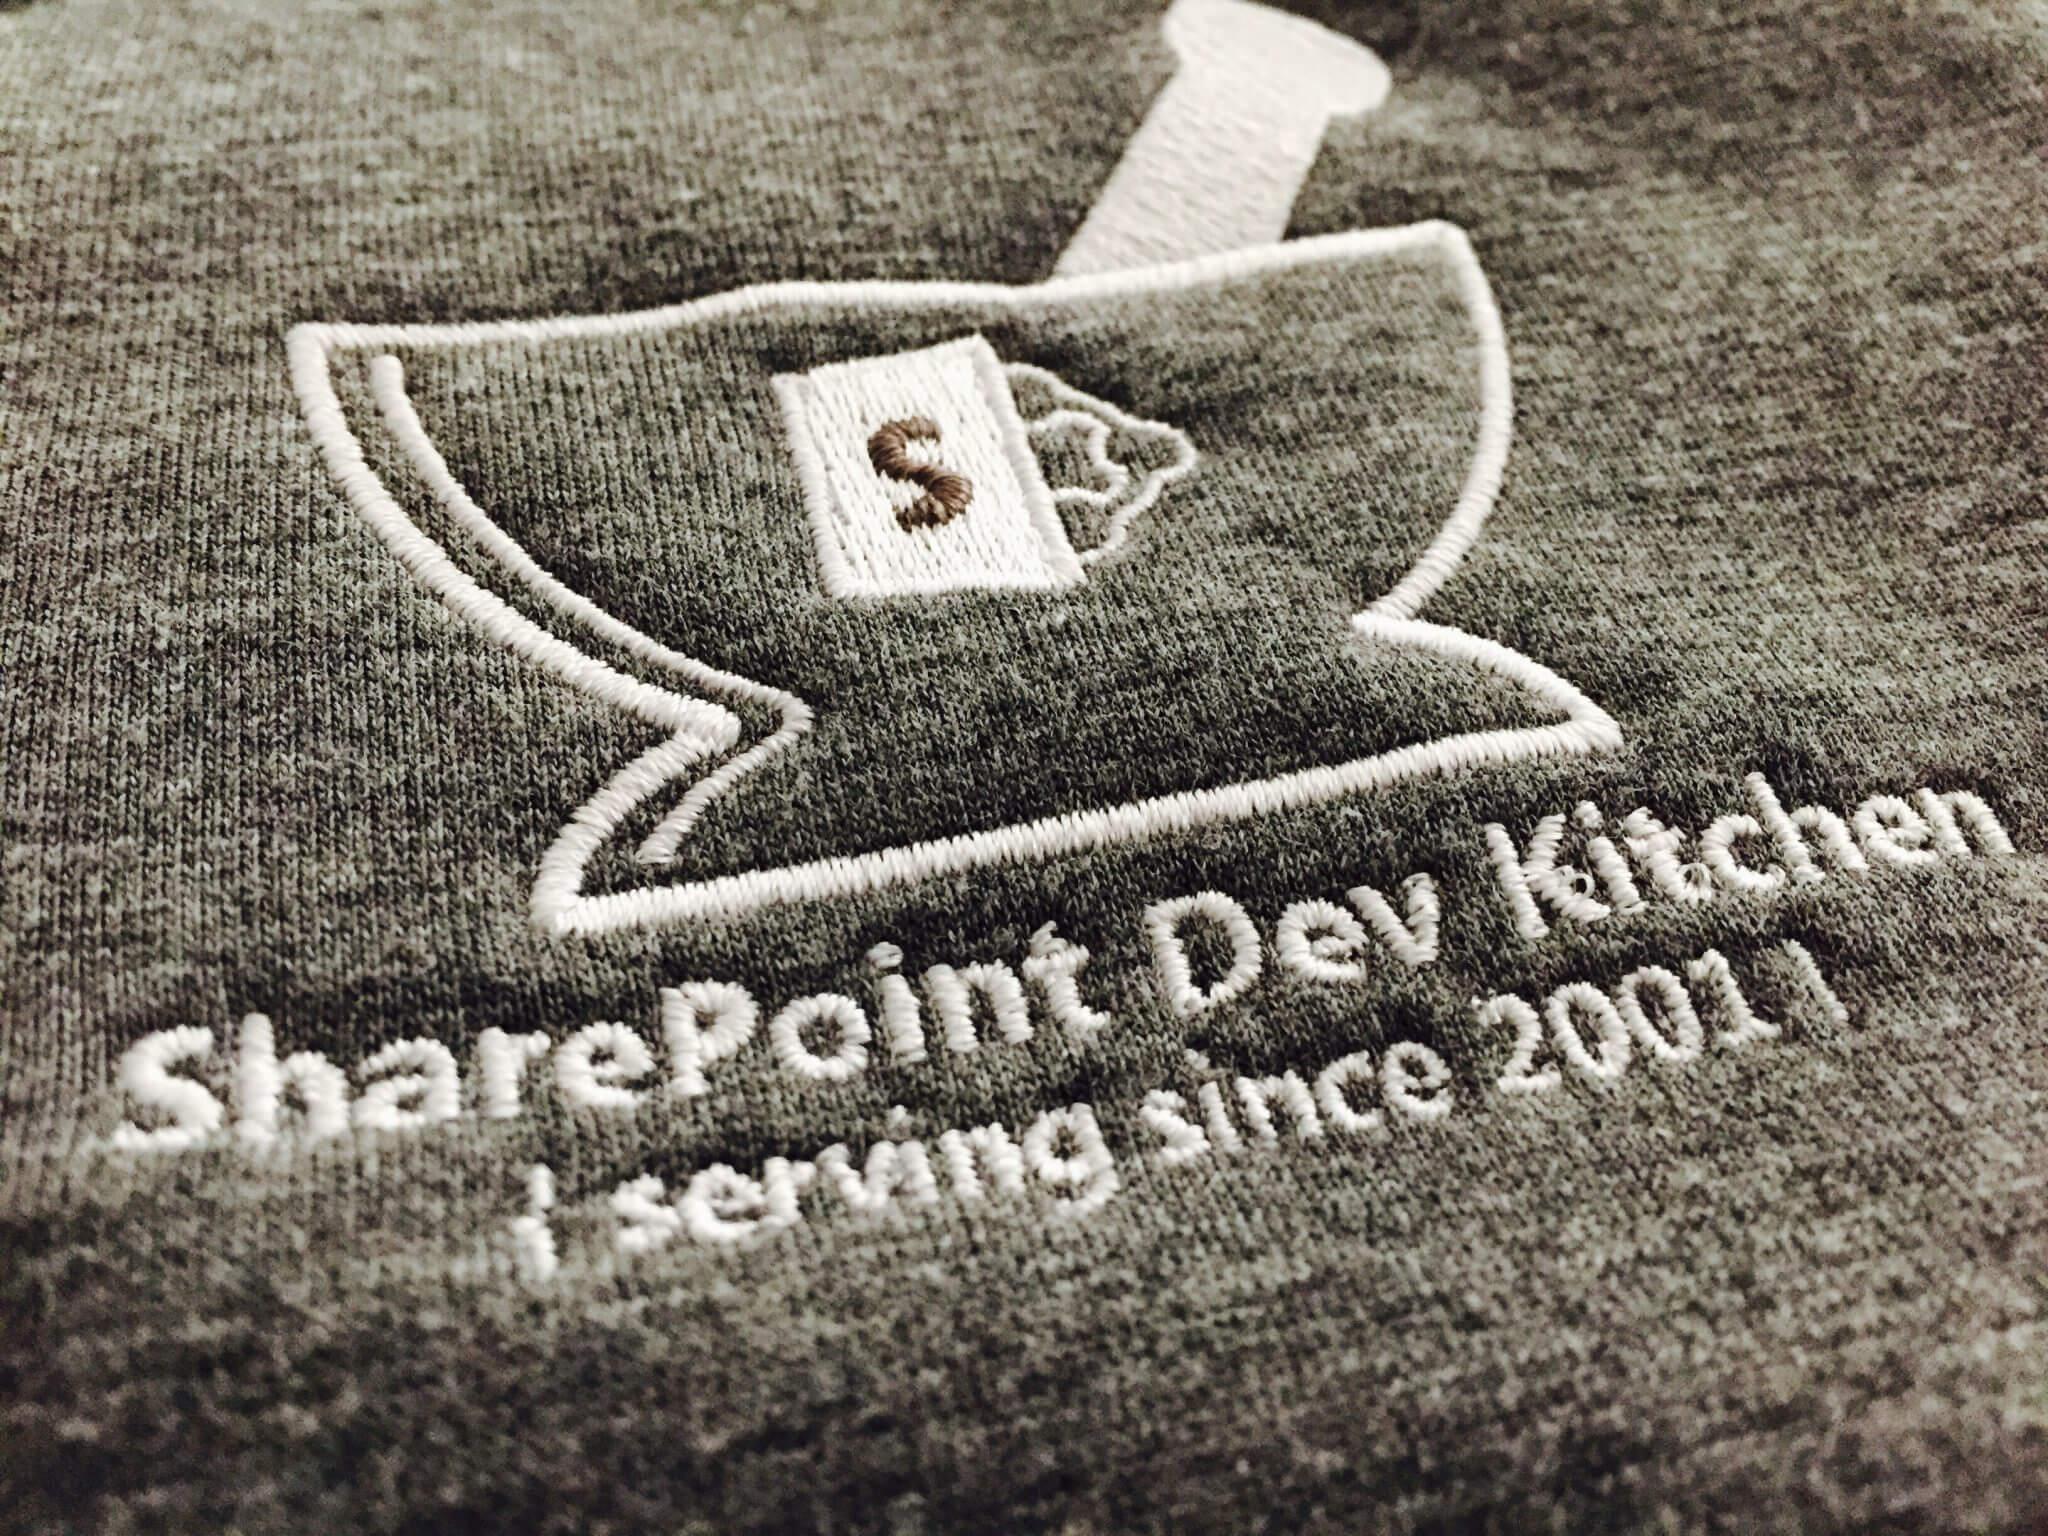 SharePoint Dev Kitchen - servicing since 2001